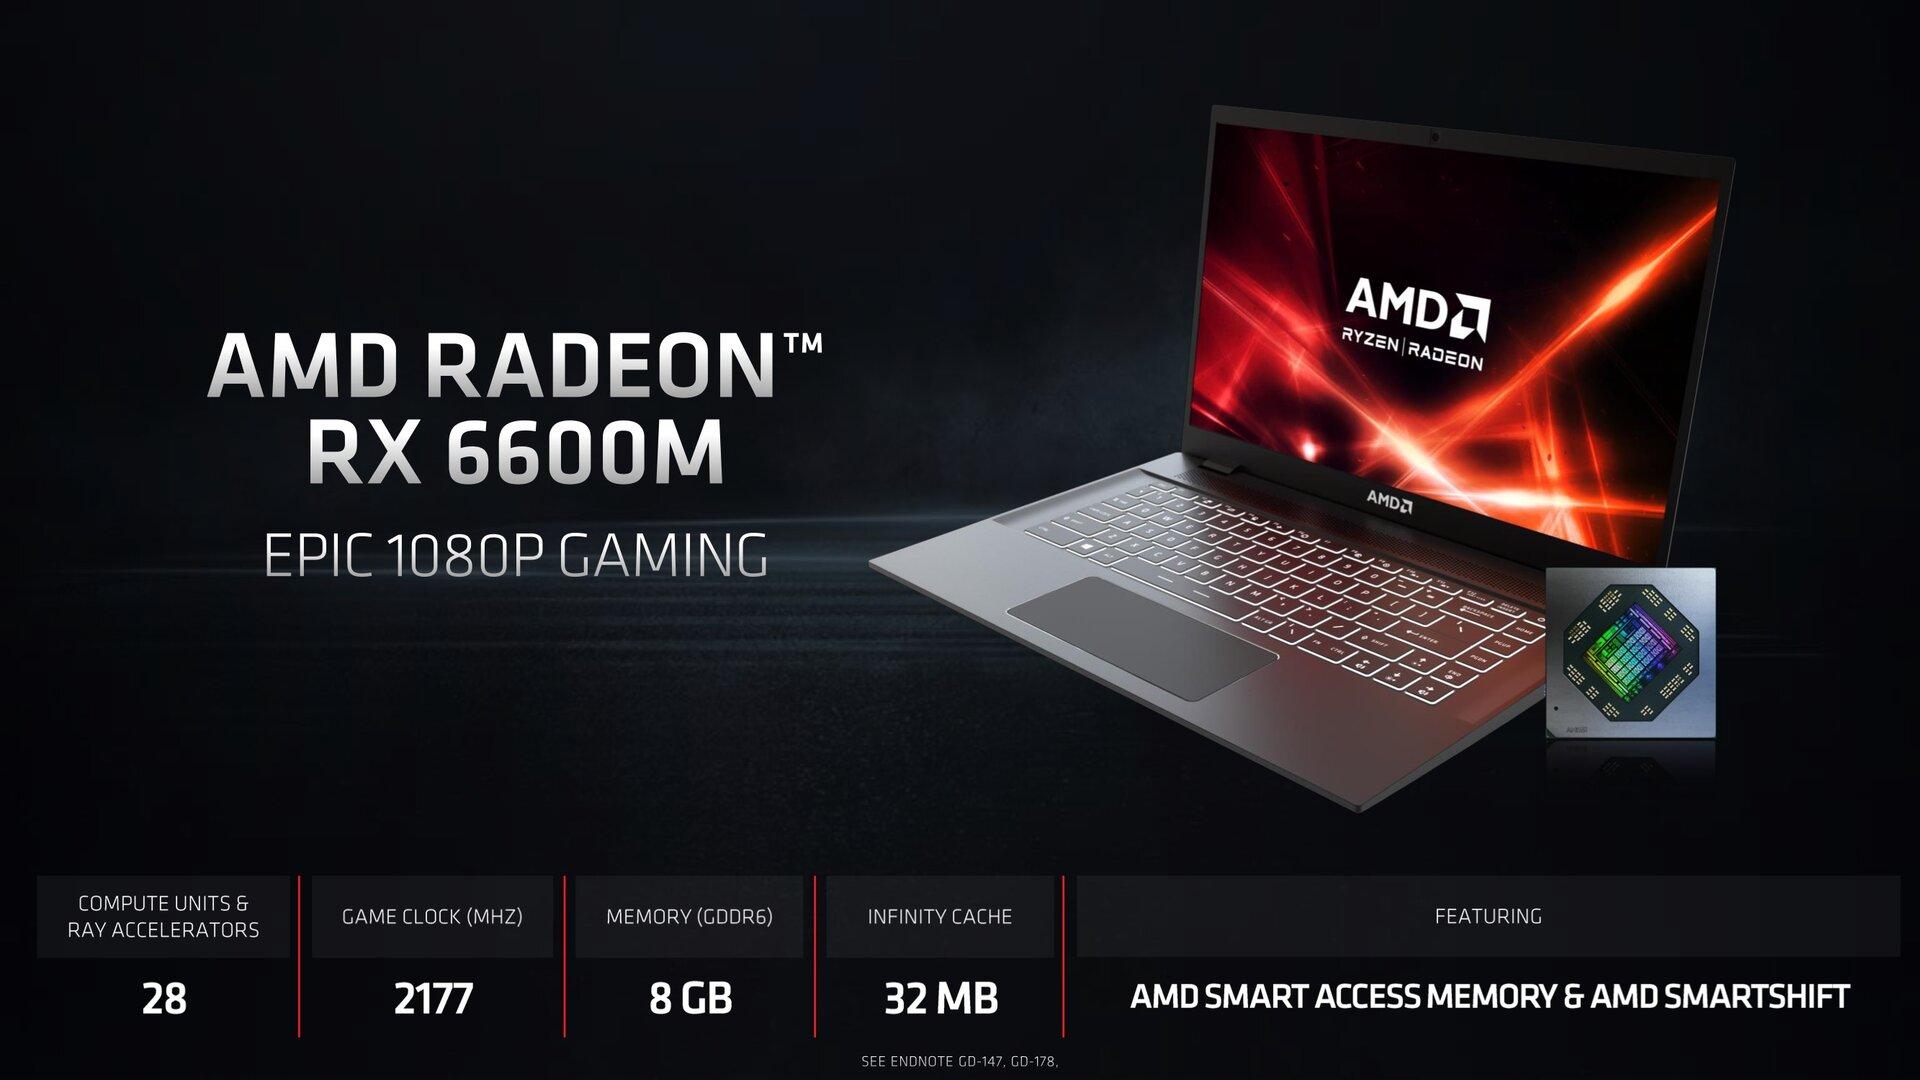 La nueva Radeon RX 6600M con 28 CU